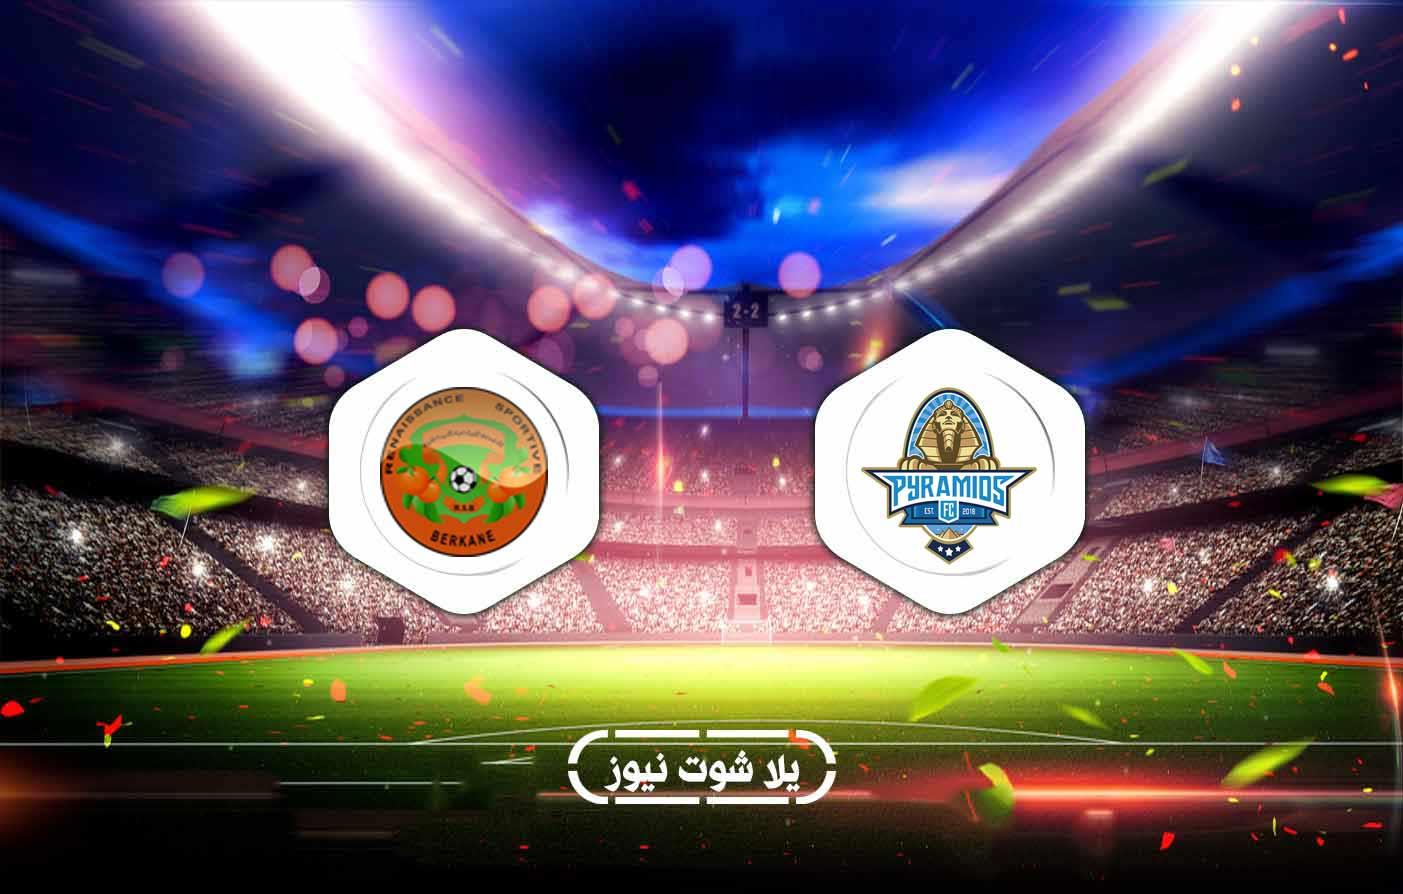 ملخص مباراة نهضة بركان 1-0 بيراميدز بتاريخ 2020-10-26 كأس الكونفيدرالية الأفريقية